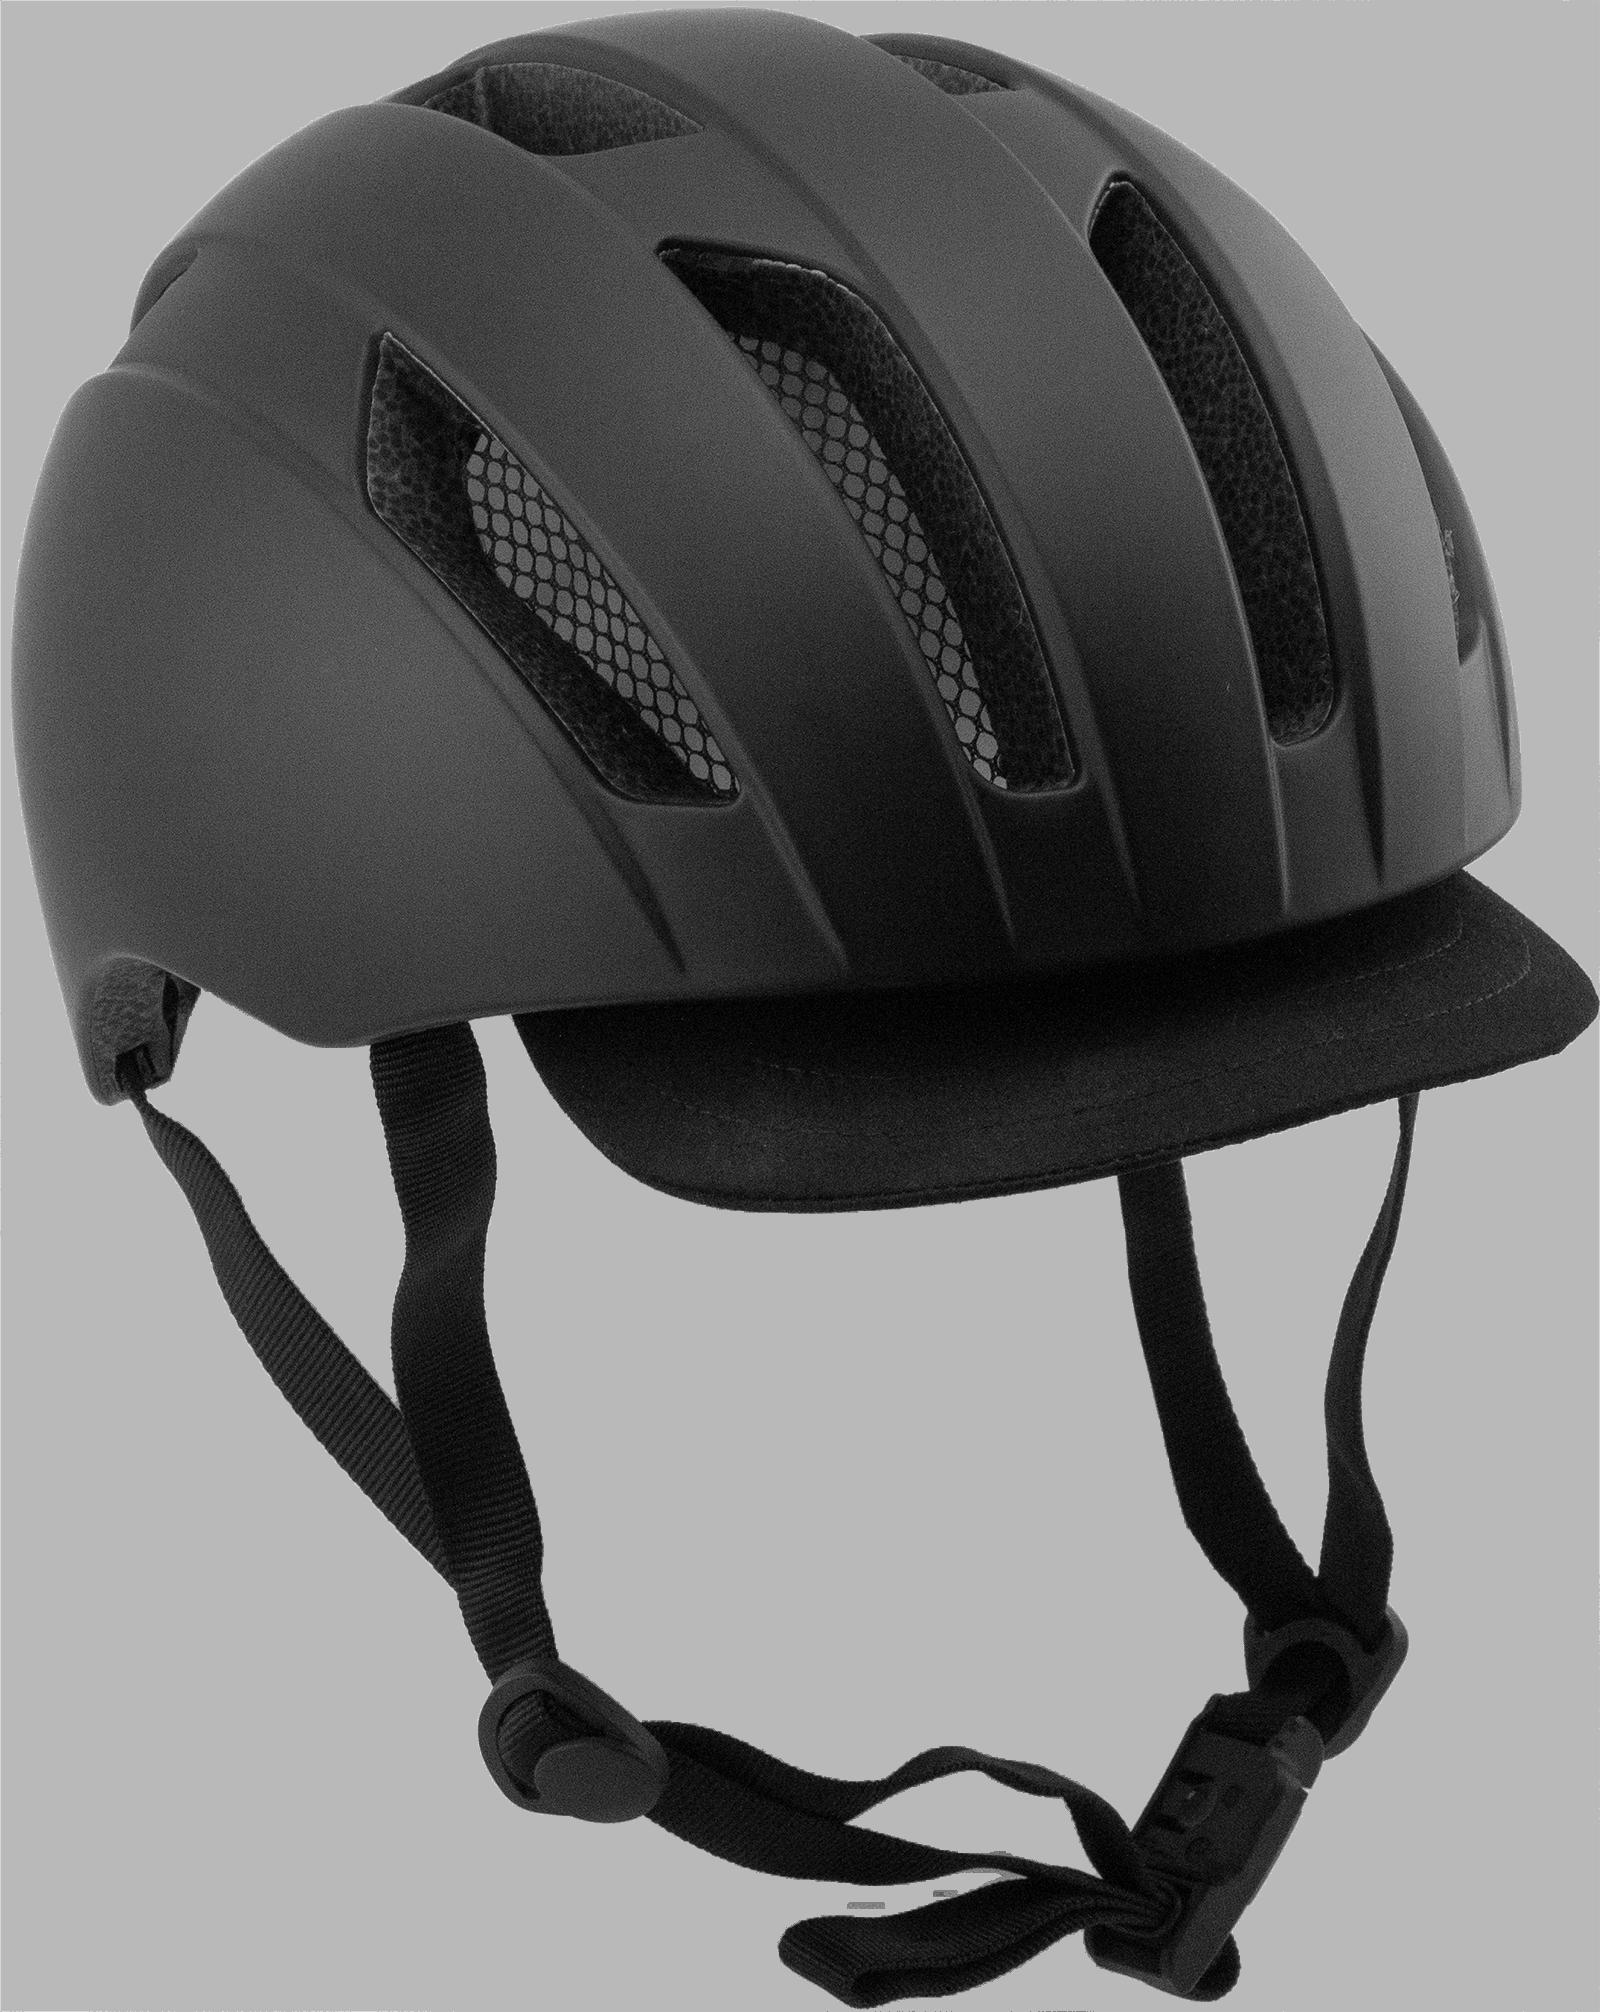 Cykelhjälm Svart